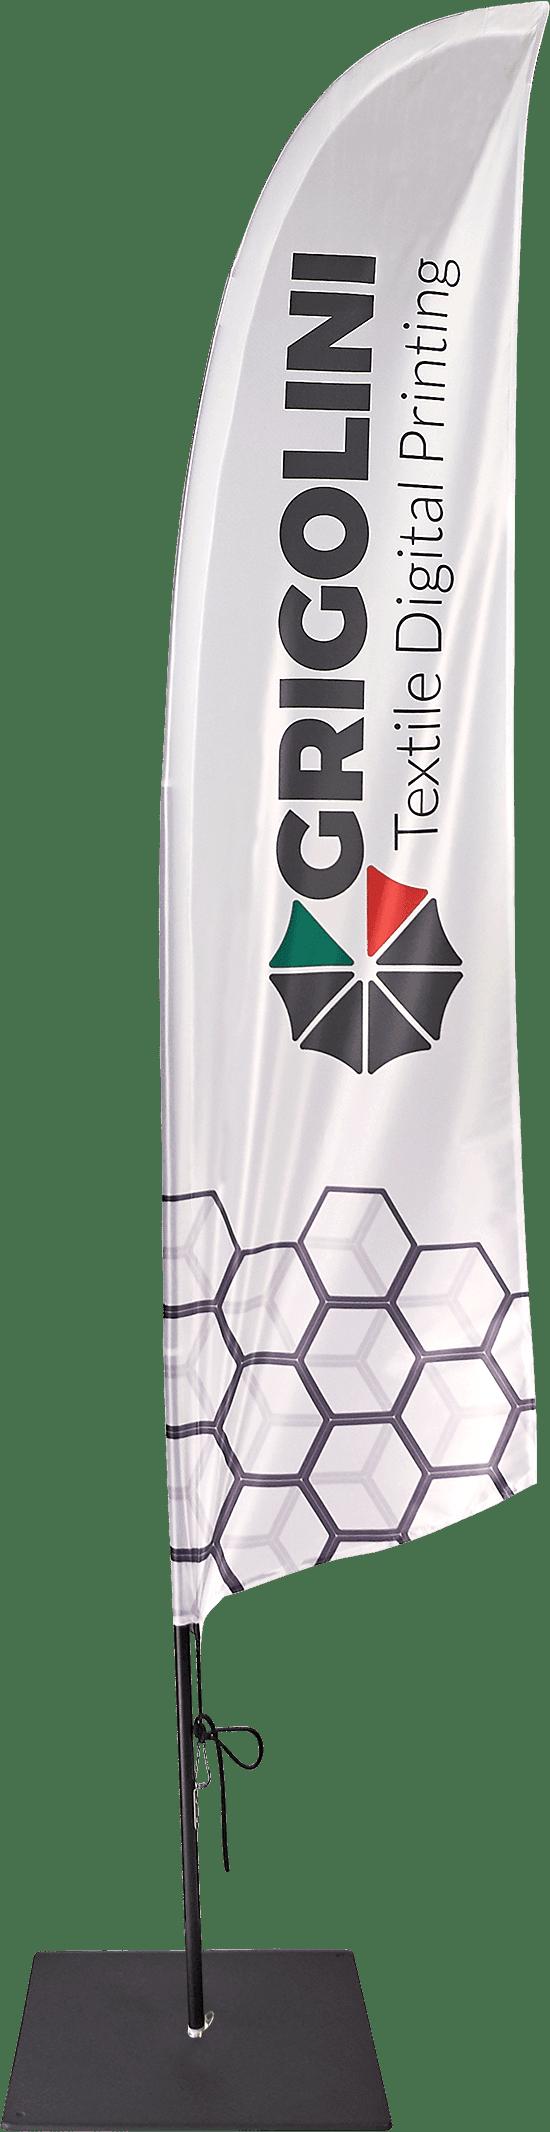 Bandiera modello Vela disponibile in varie misure